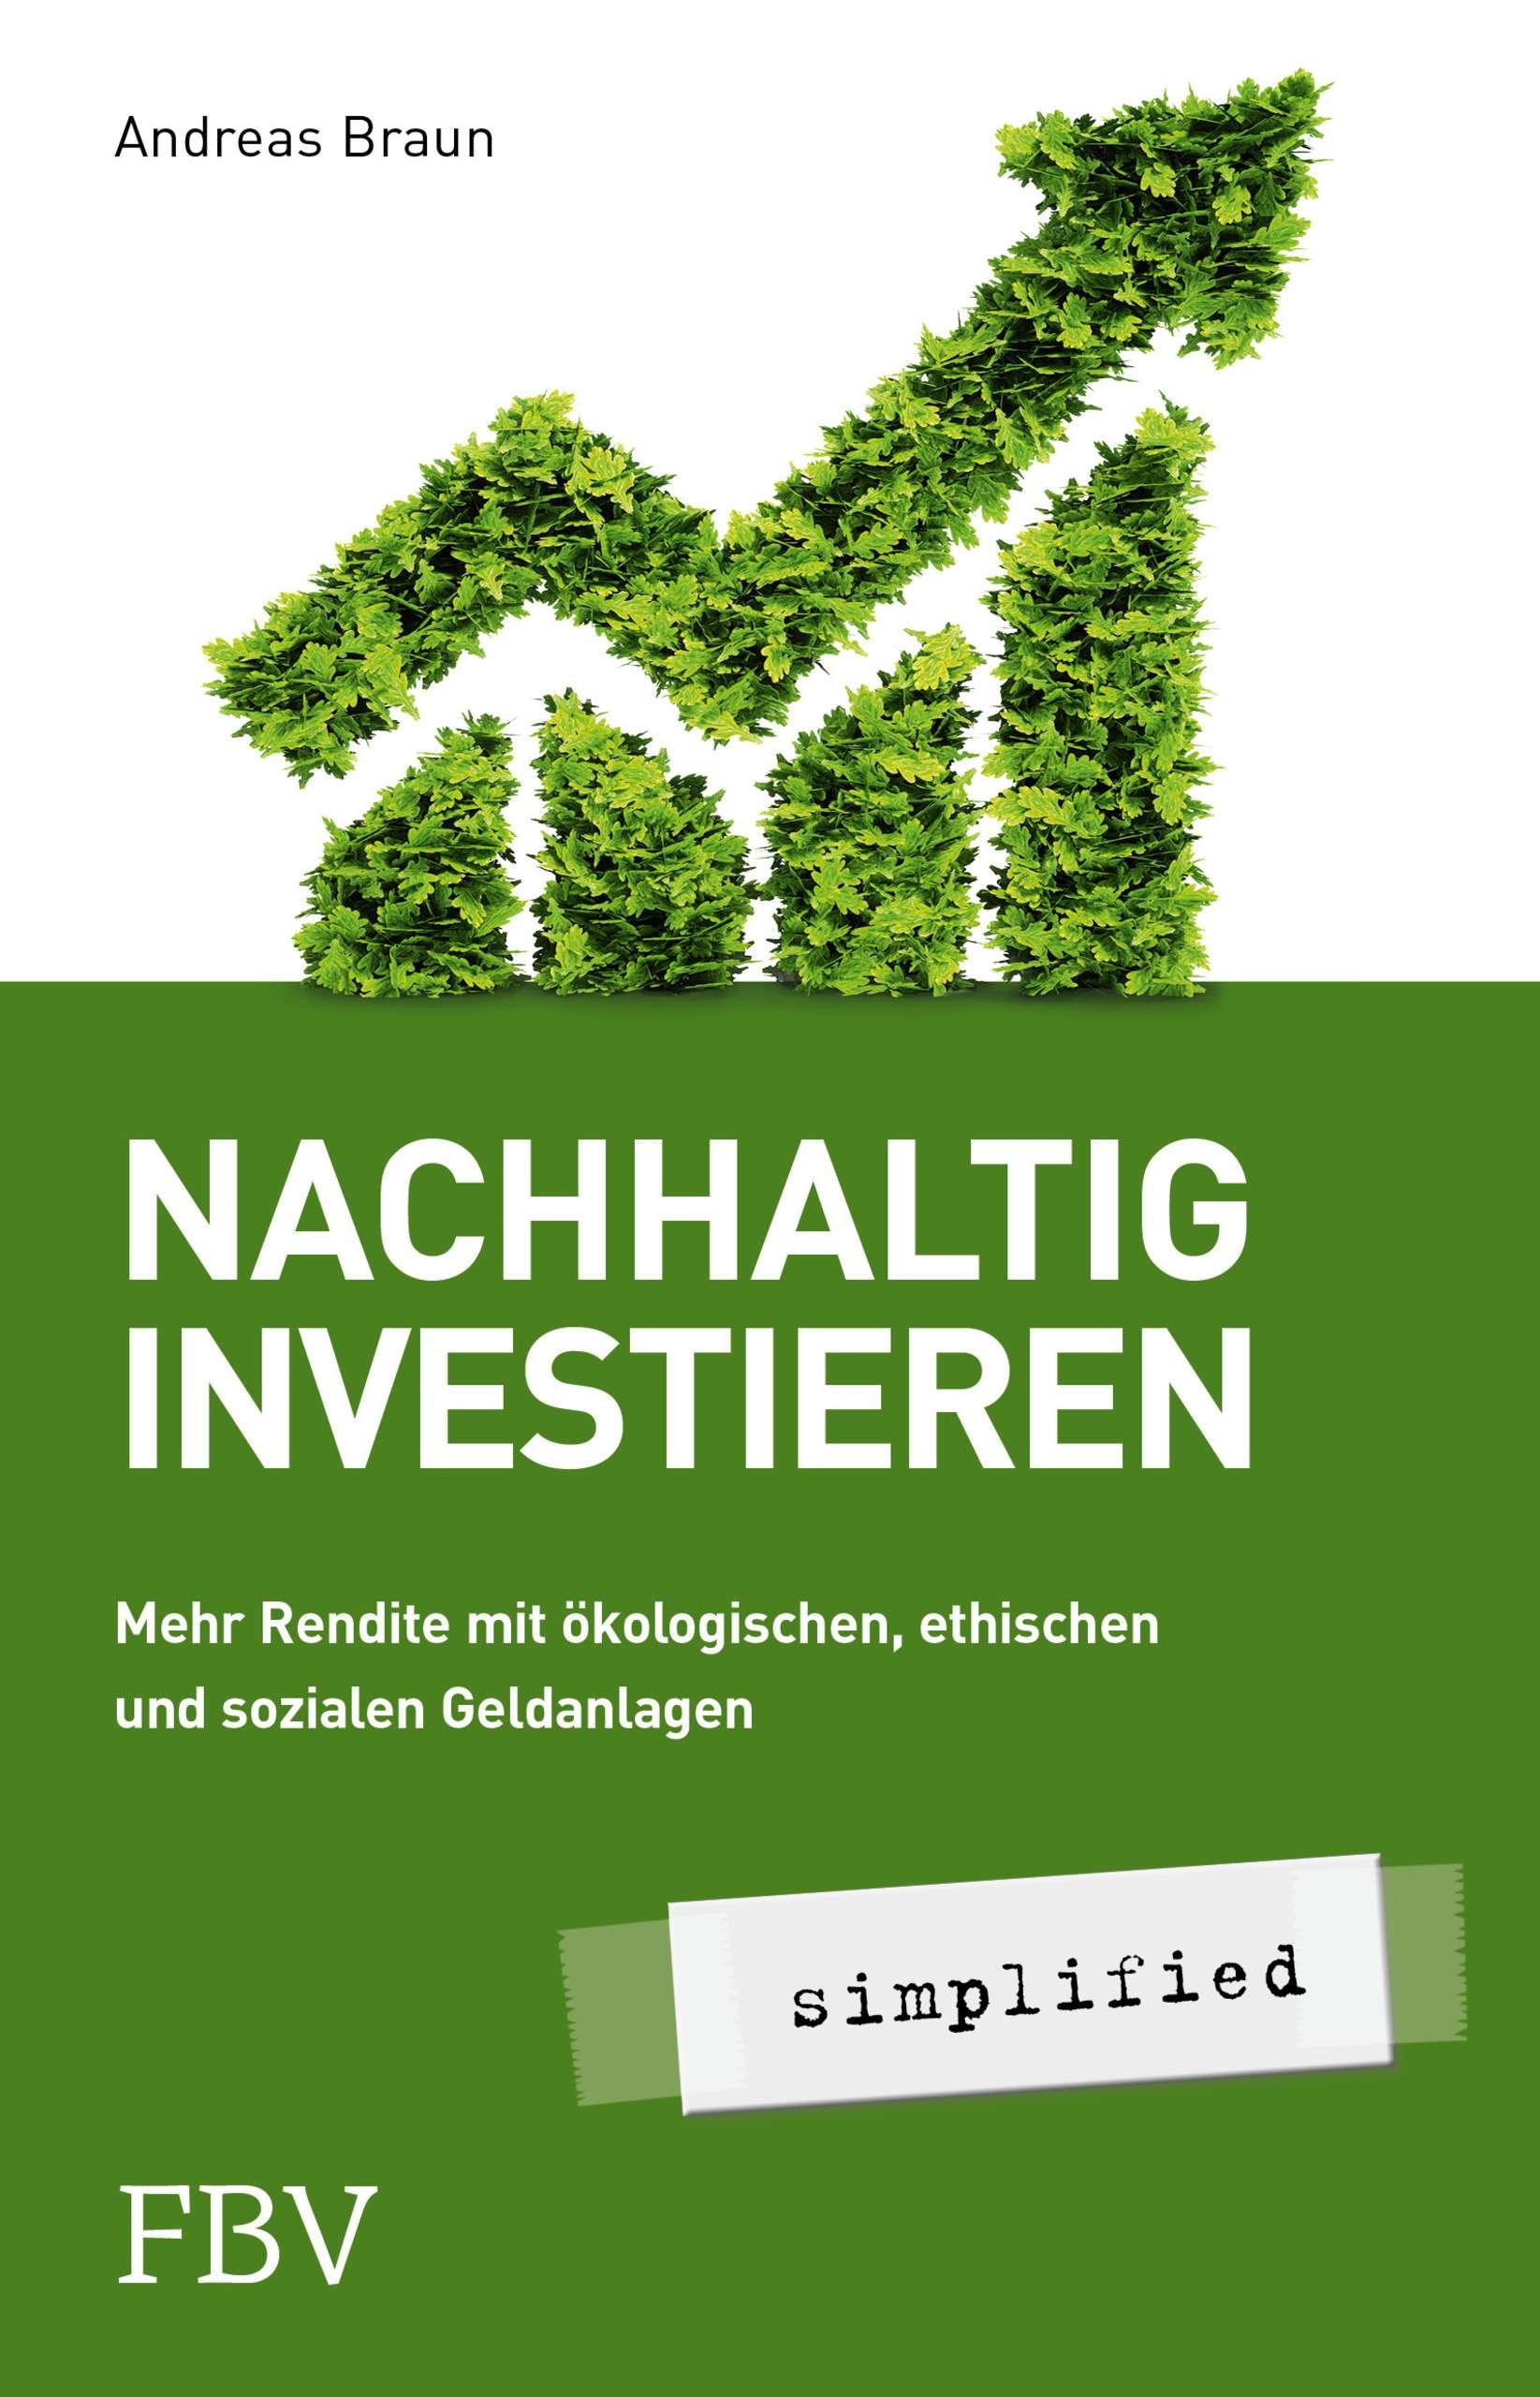 """""""Nachhaltig investieren – simplified"""" von Andreas Braun © FVB"""